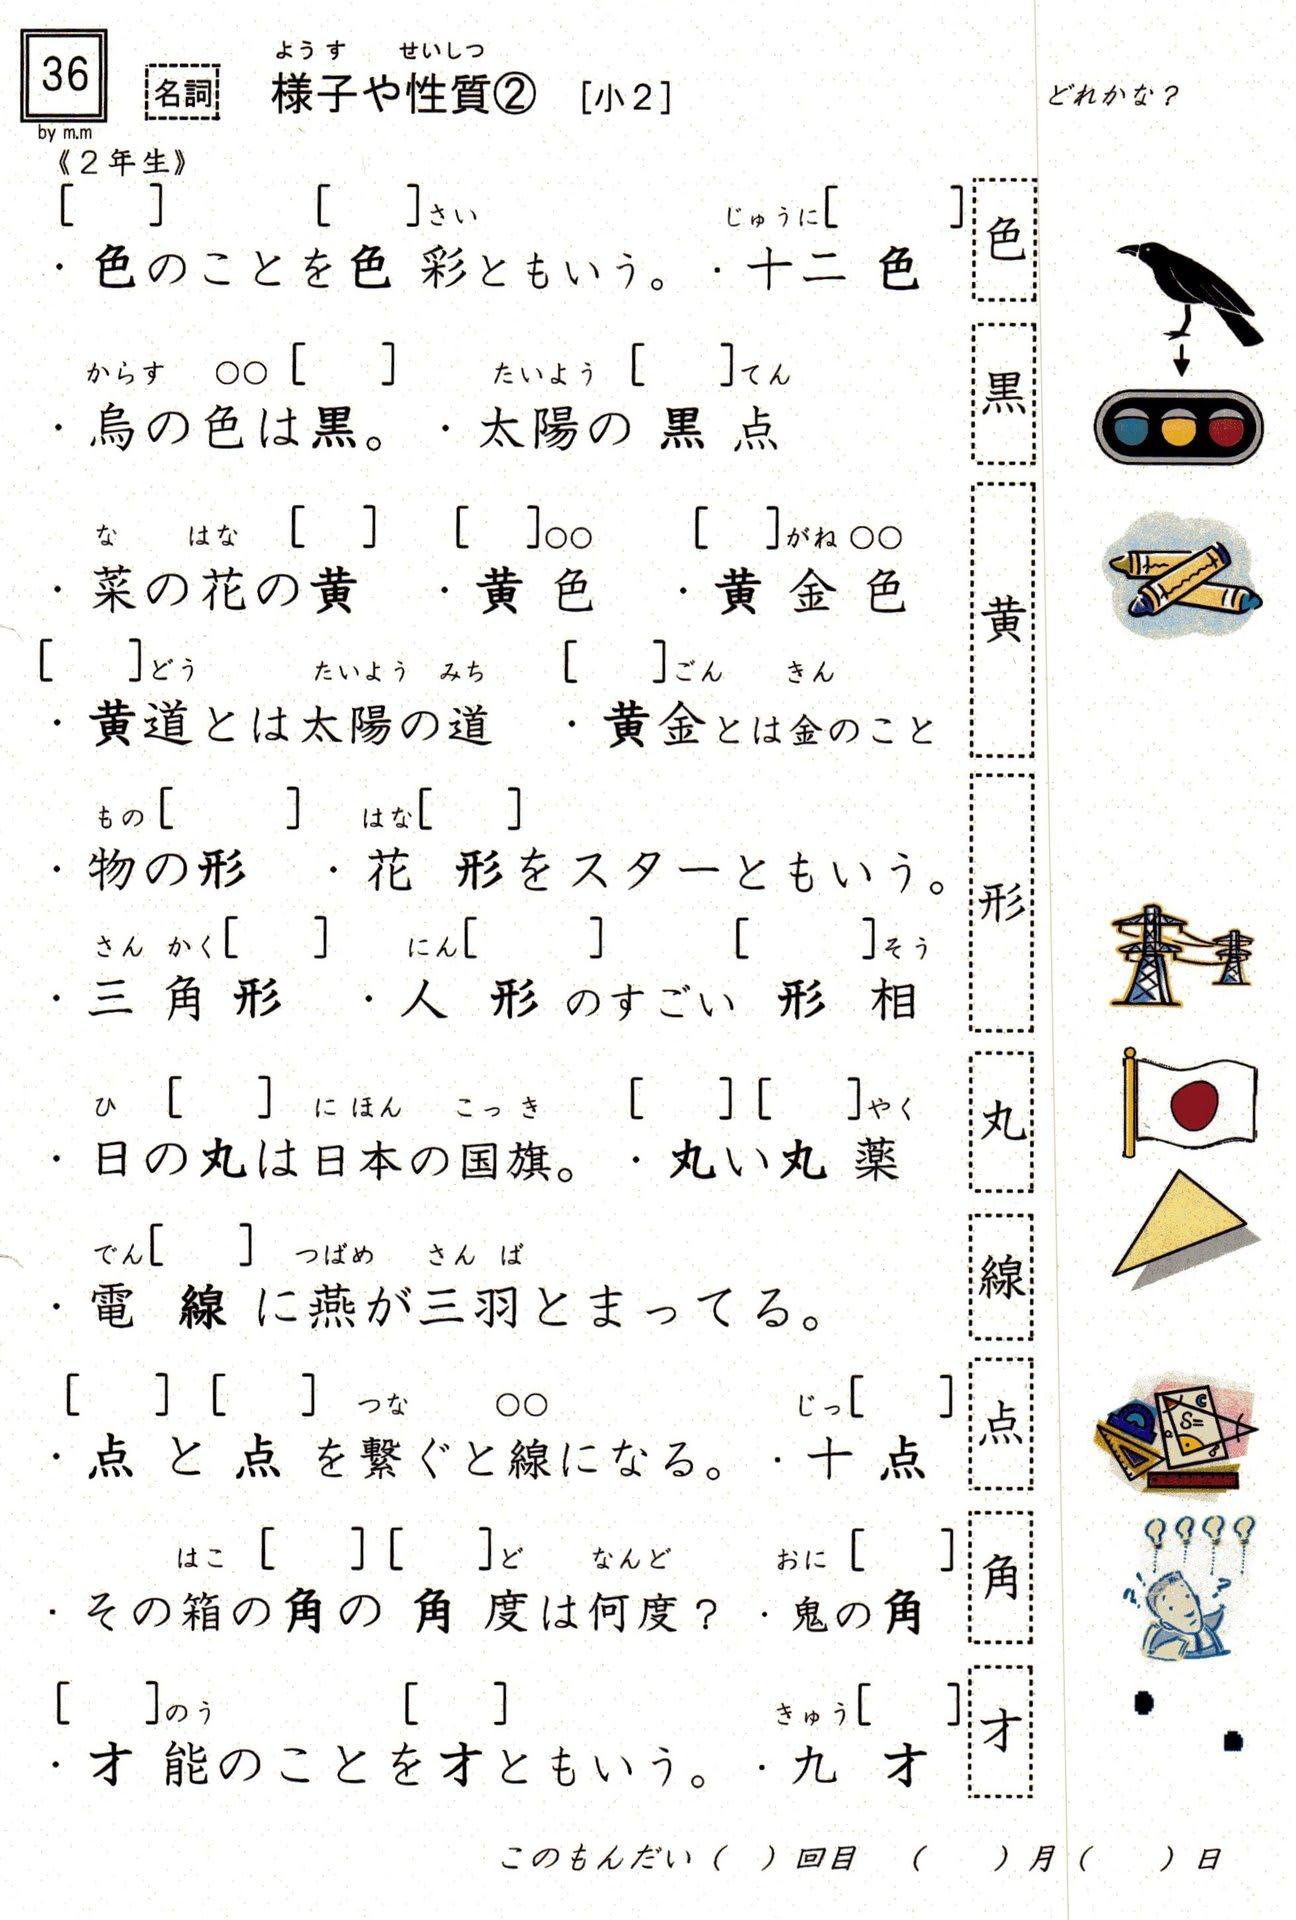 漢字 5年生 漢字 問題 : 小学校漢字の読み】36 様子や ...